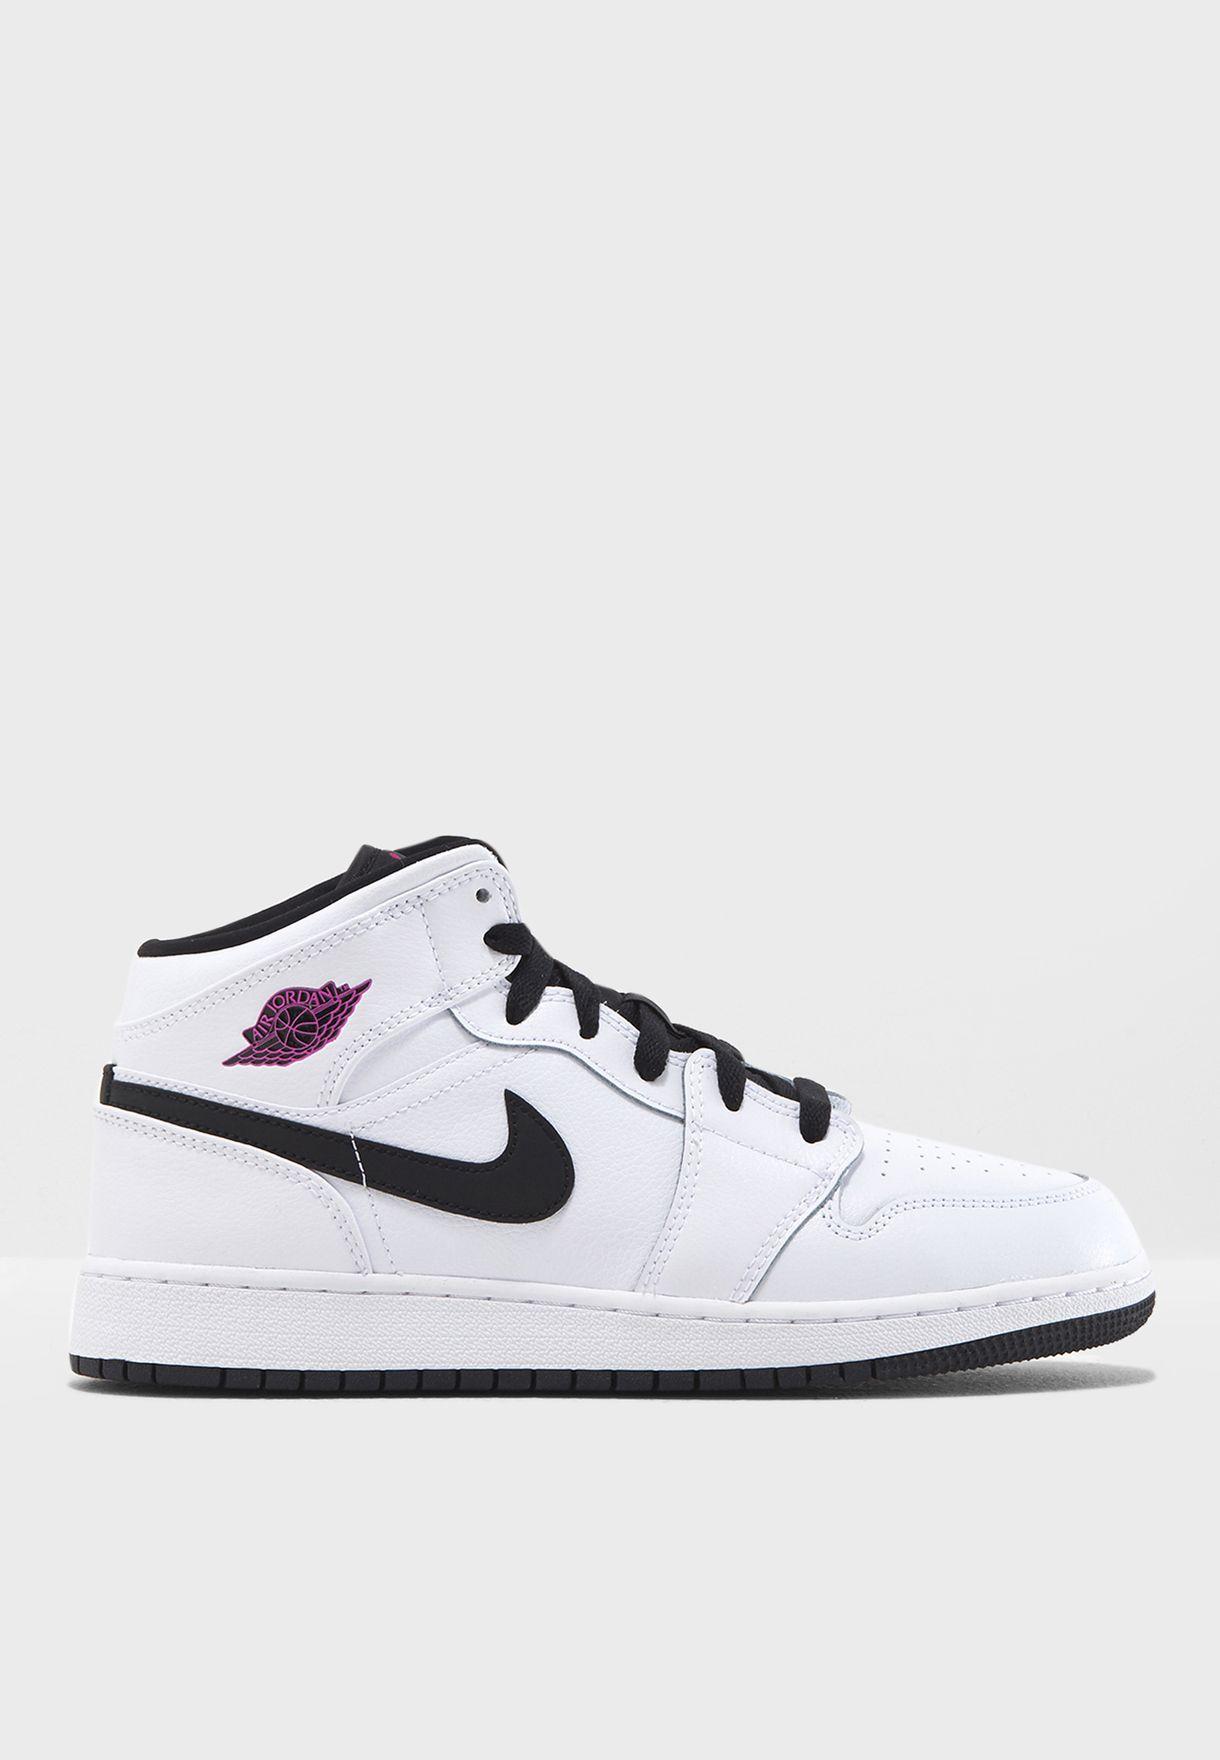 d2d40b4f11d2 Shop Nike white Air Jordan 1 Mid GG 555112-138 for Women in UAE ...